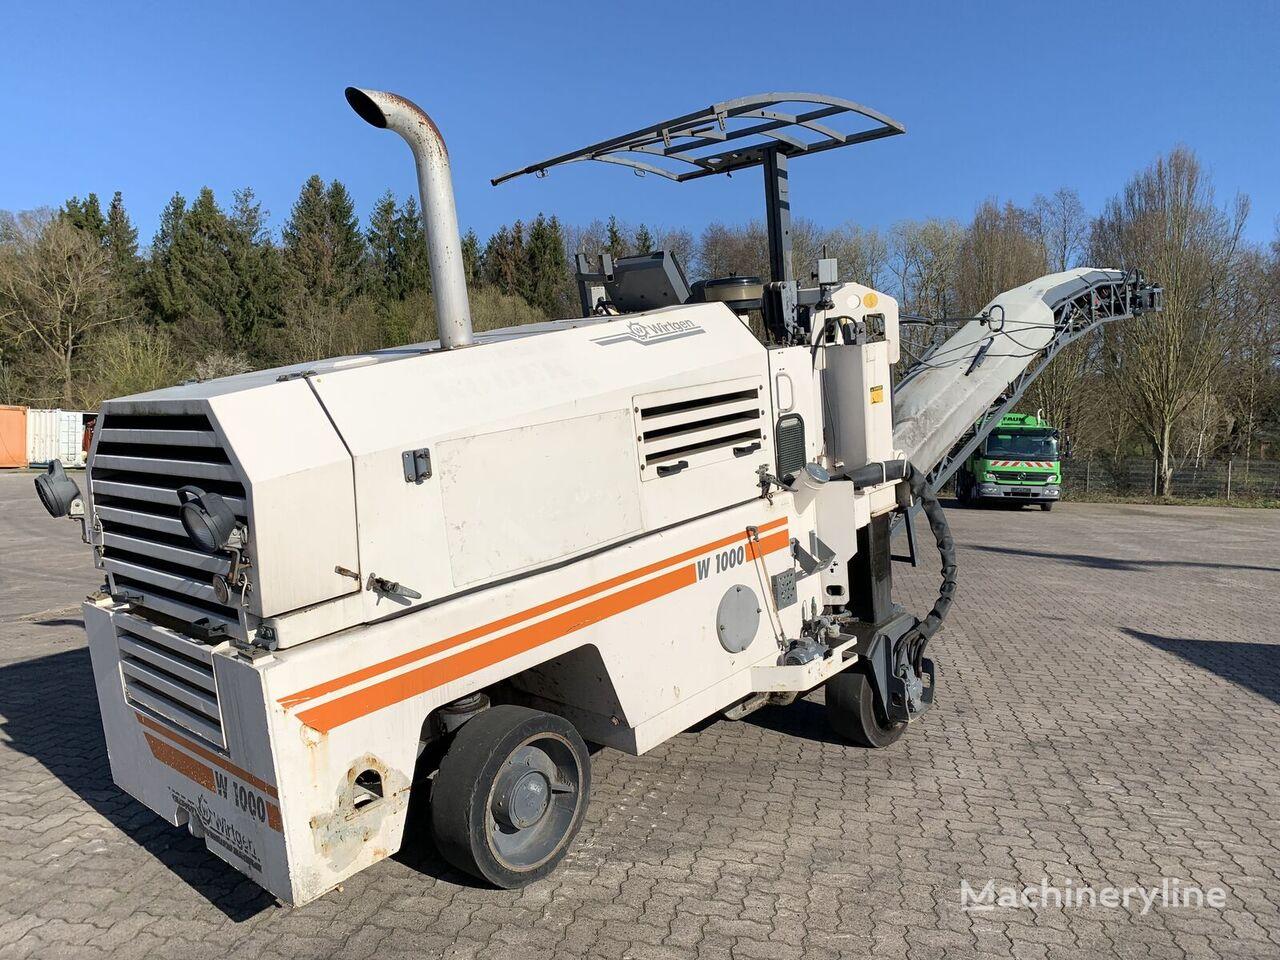 WIRTGEN W1000 asphalt milling machine